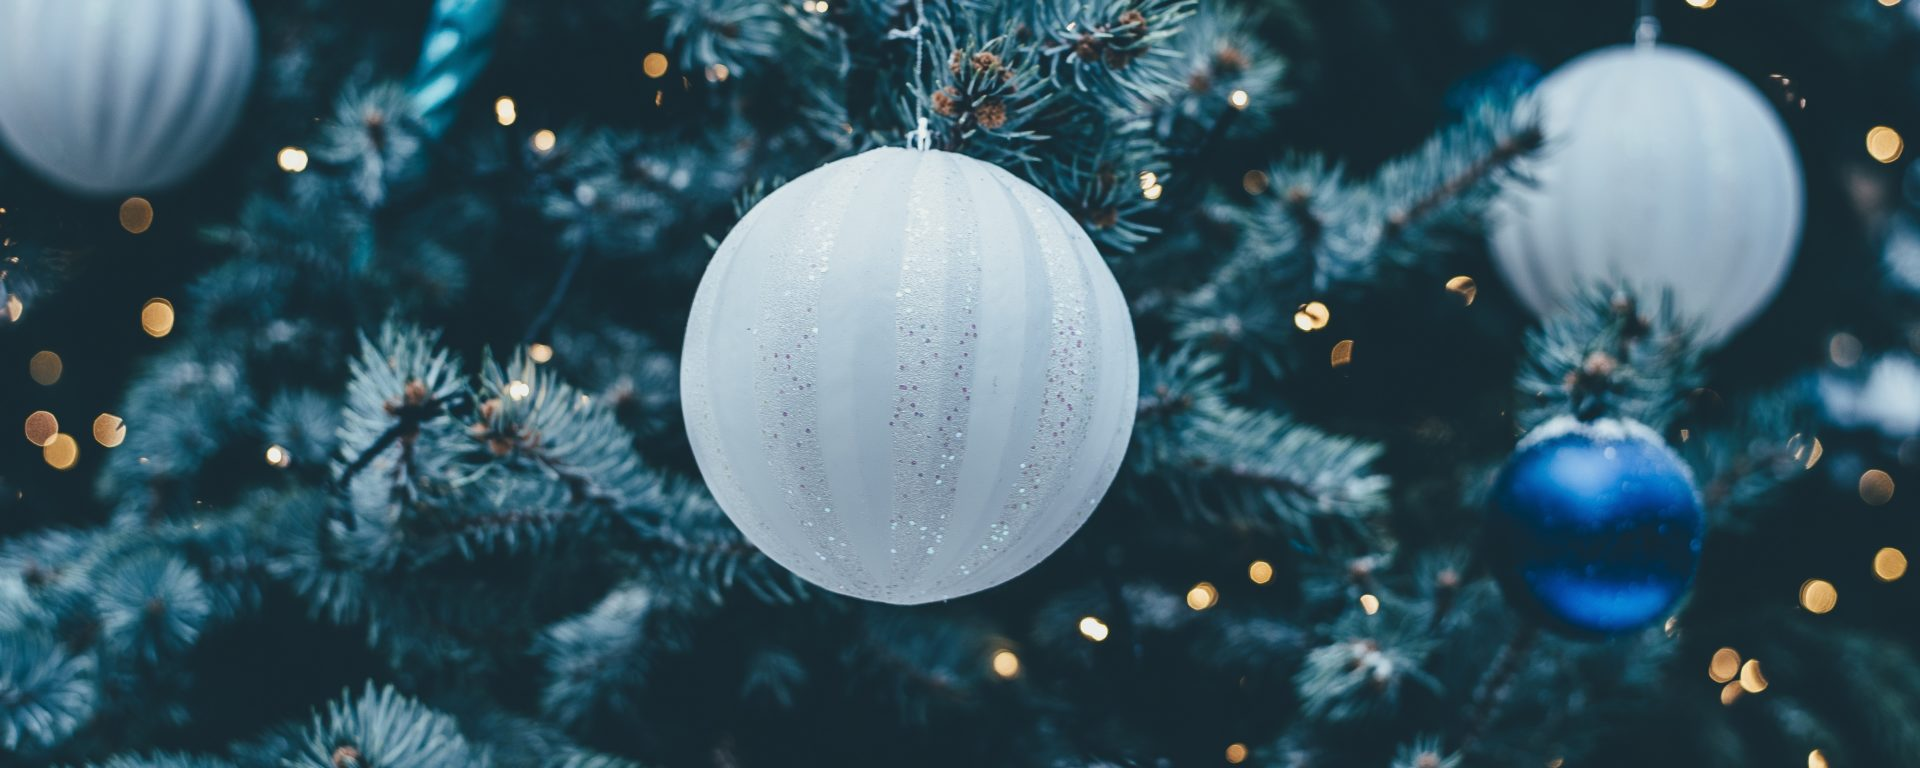 adventskalender 2016 blogger weihnachten christmas stocksnap